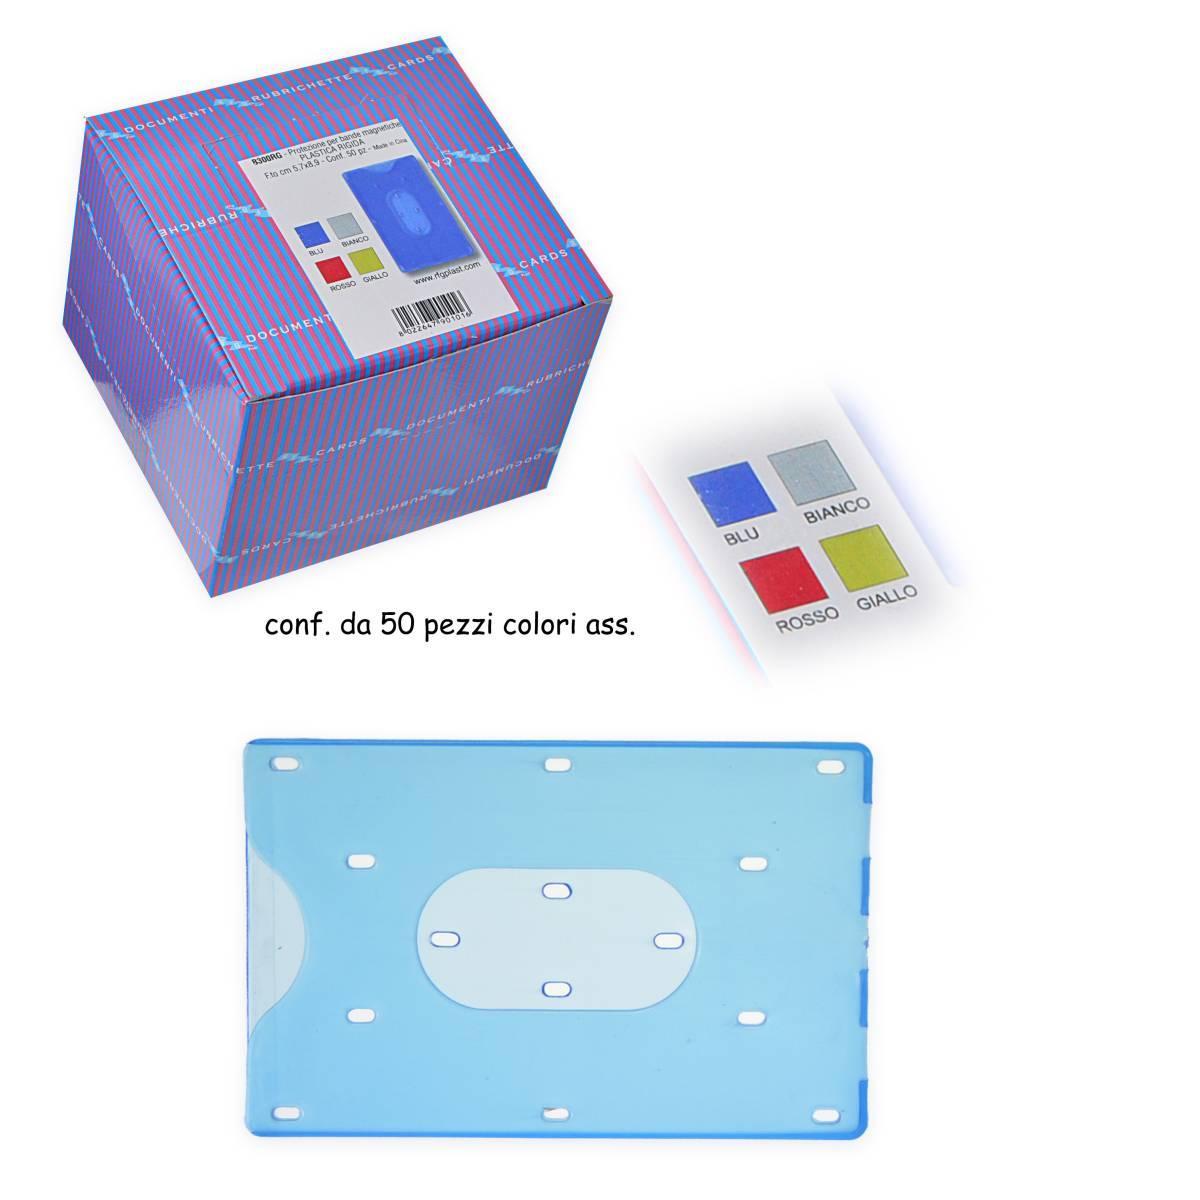 Protezione per carte di credito in plastica rigida ass for Protezione sussidiaria carta di soggiorno